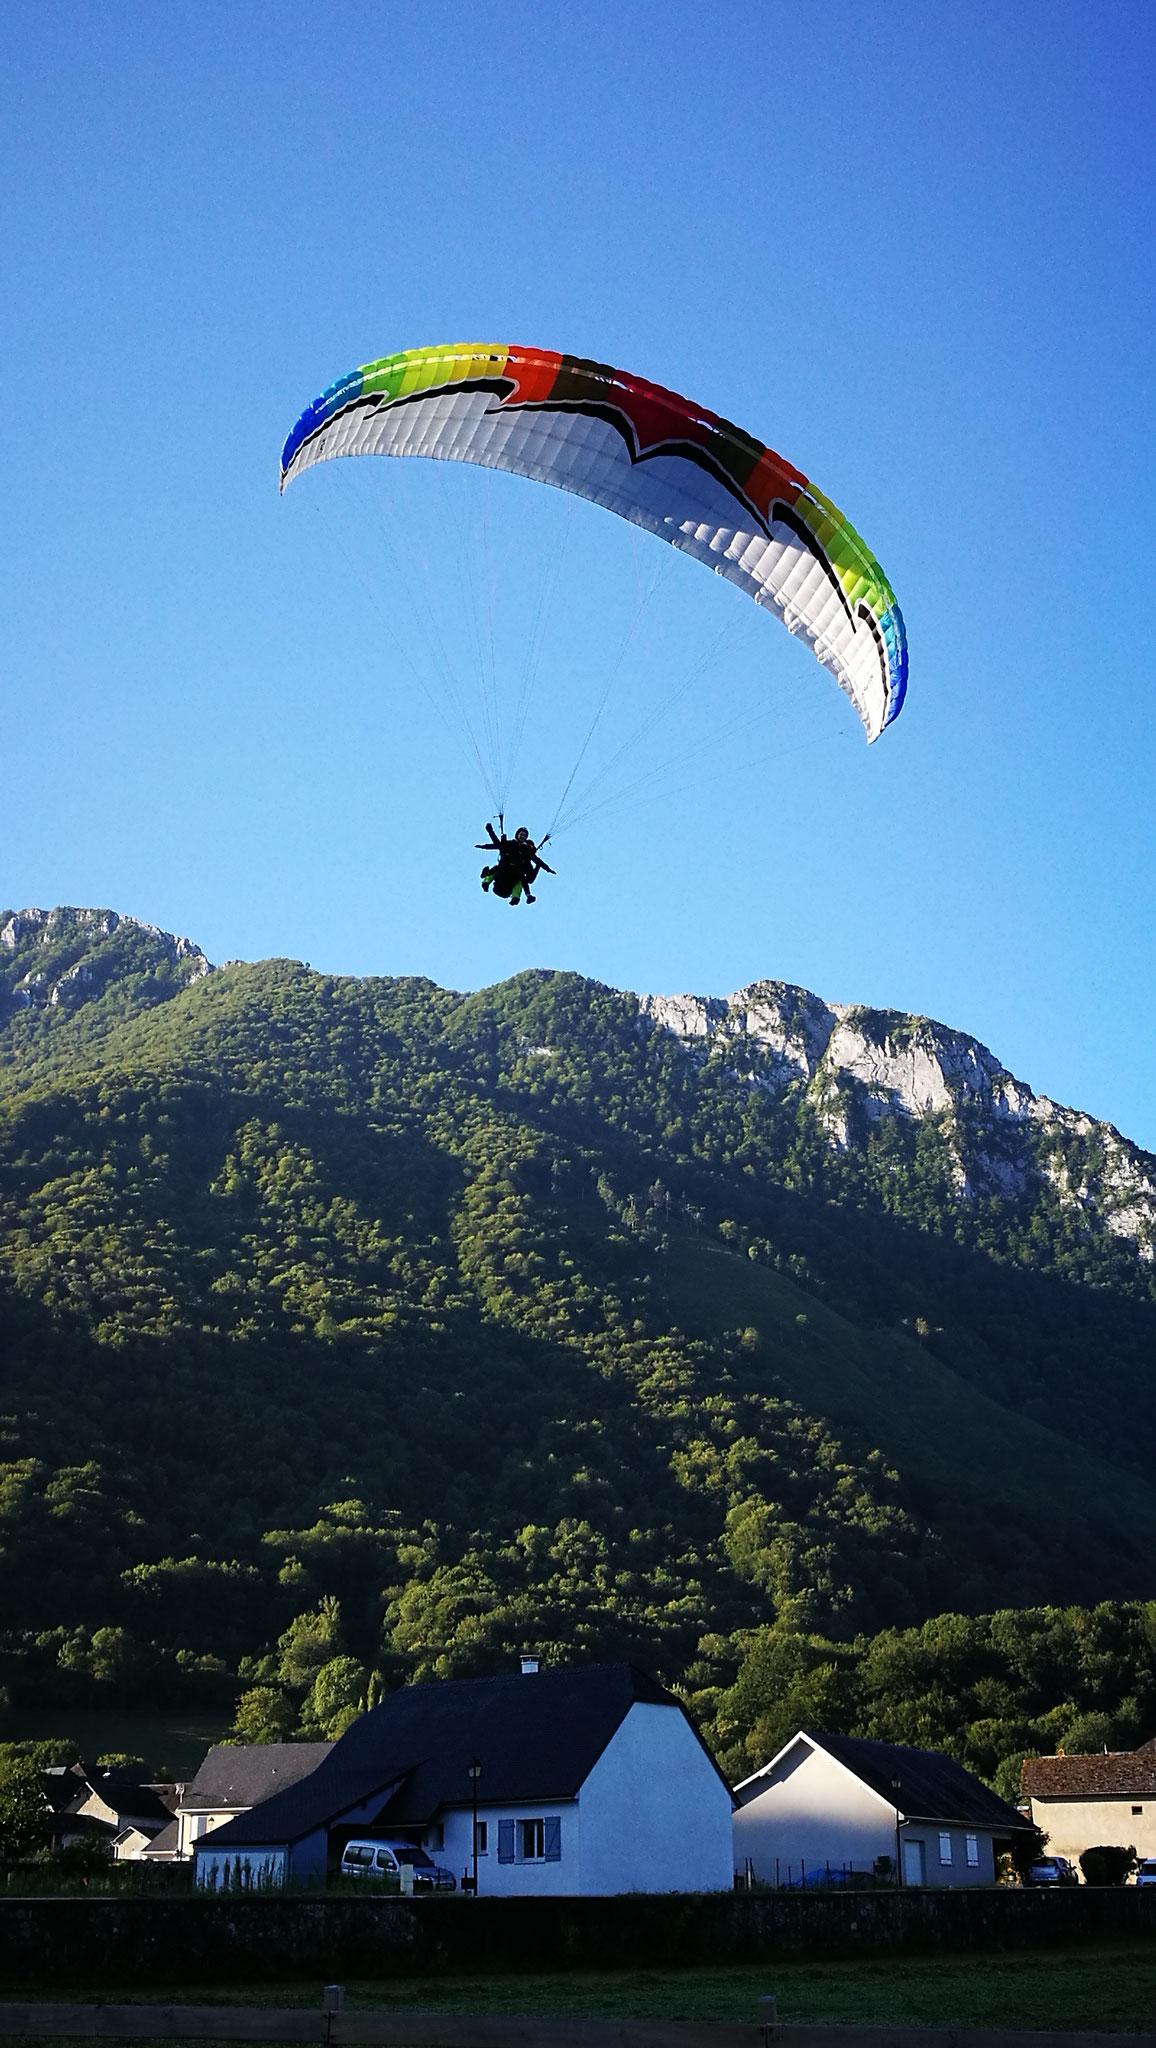 Le meilleur ciel à parapente de la vallée d'Aspe, Accous